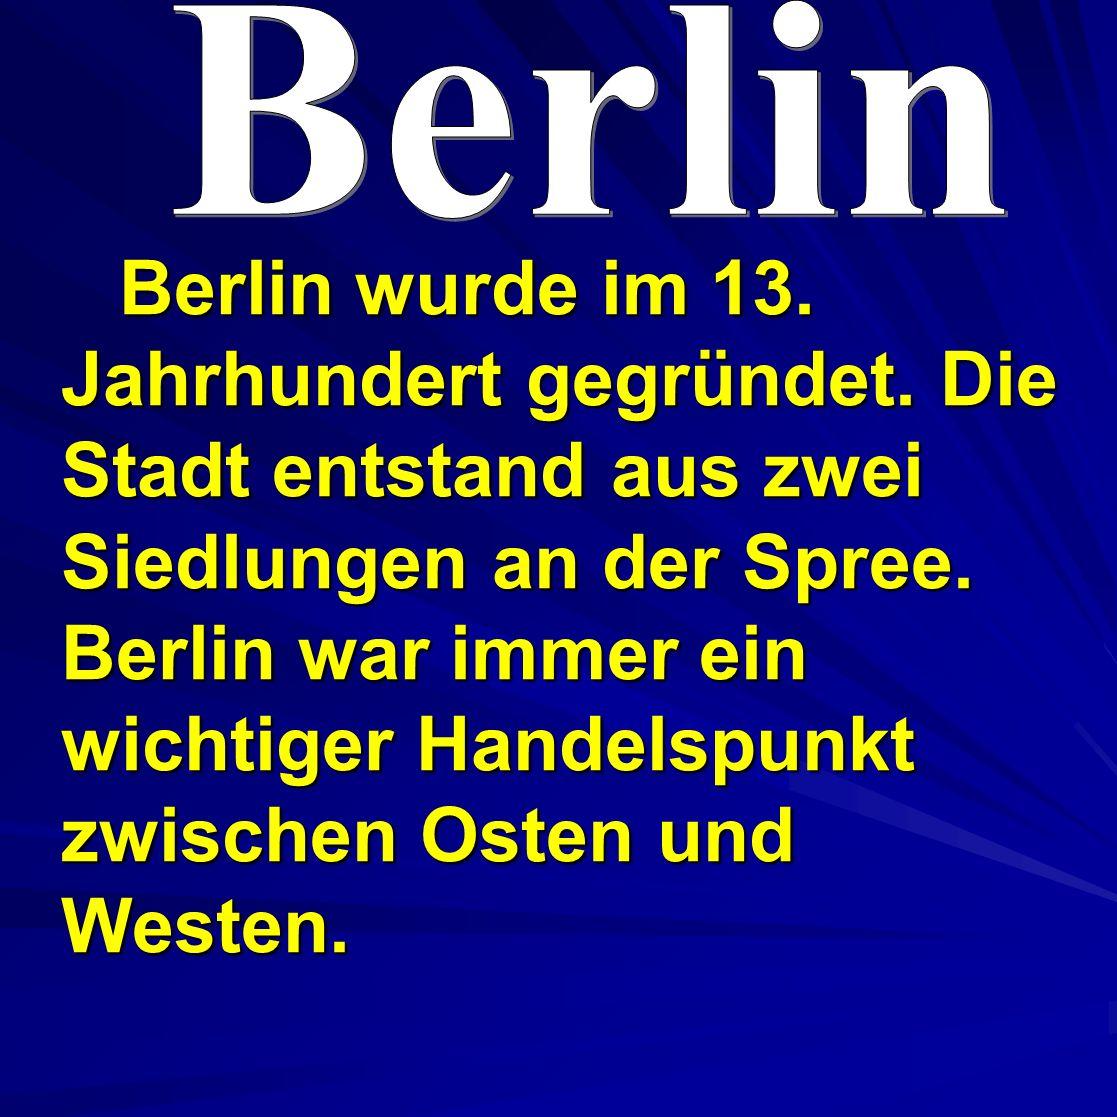 Berlin wurde im 13. Jahrhundert gegründet. Die Stadt entstand aus zwei Siedlungen an der Spree. Berlin war immer ein wichtiger Handelspunkt zwischen O